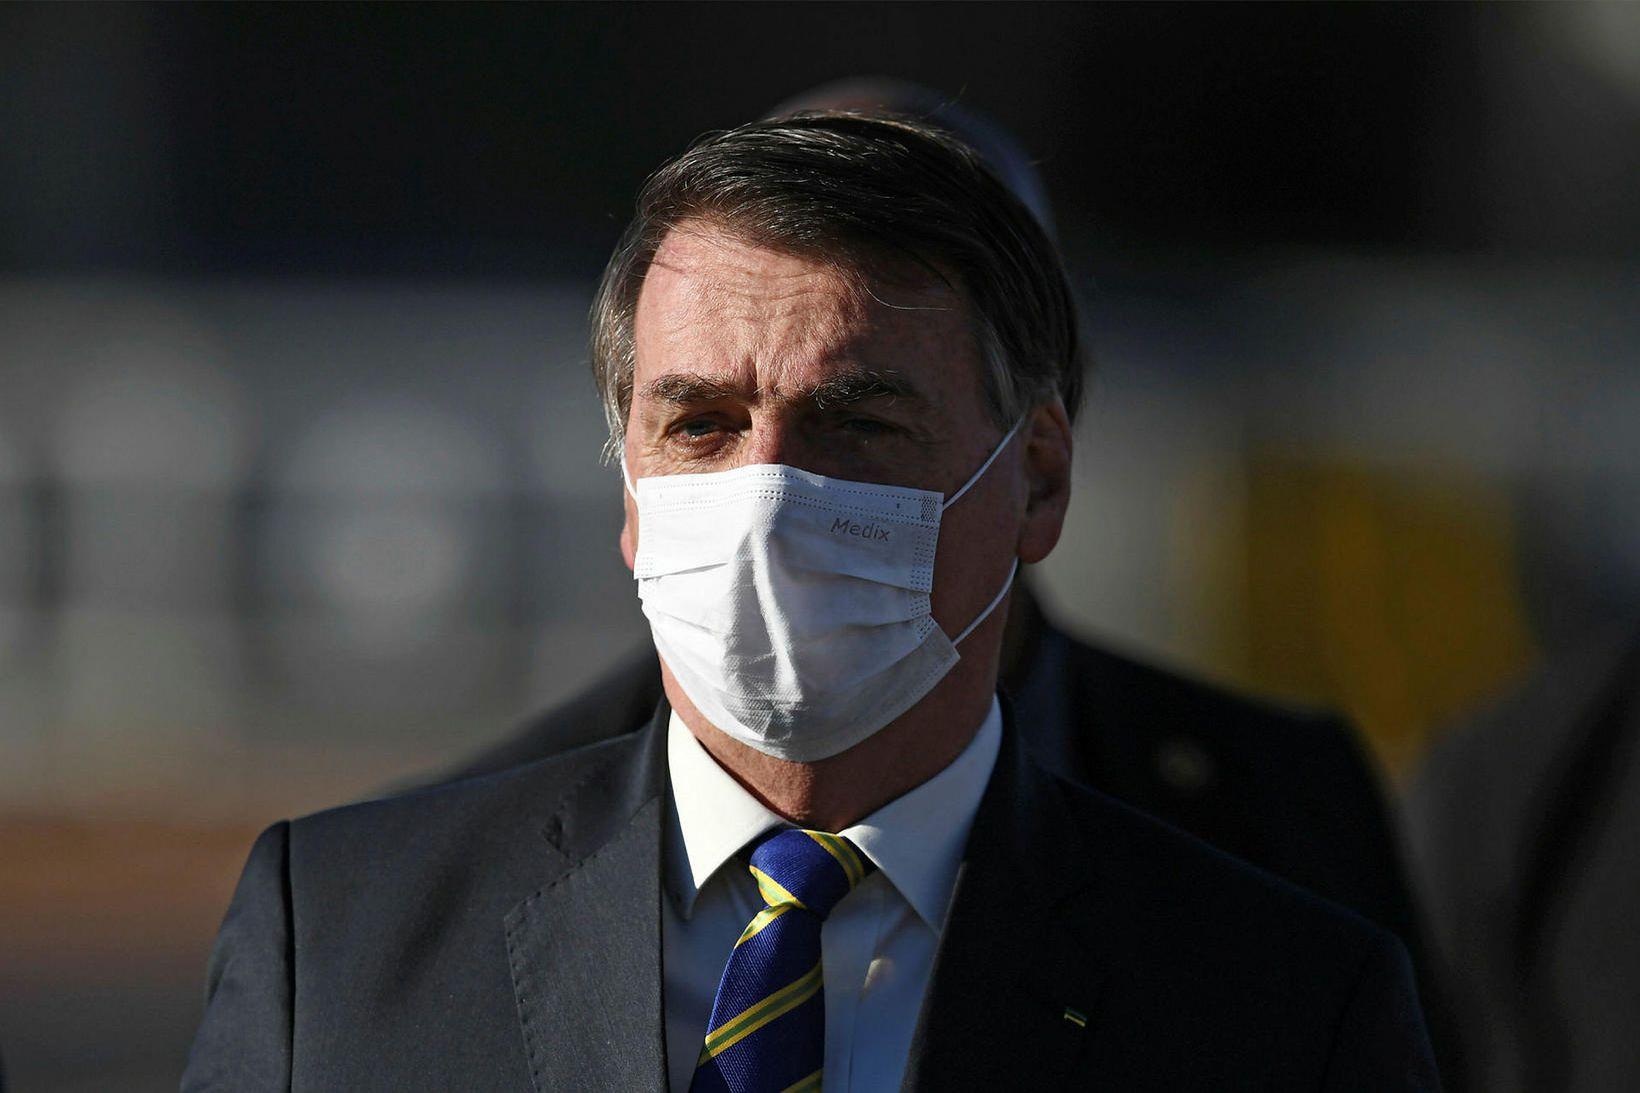 Jair Bolsonaro, forseti Brasilíu, neitaði lengi að ganga með grímu …